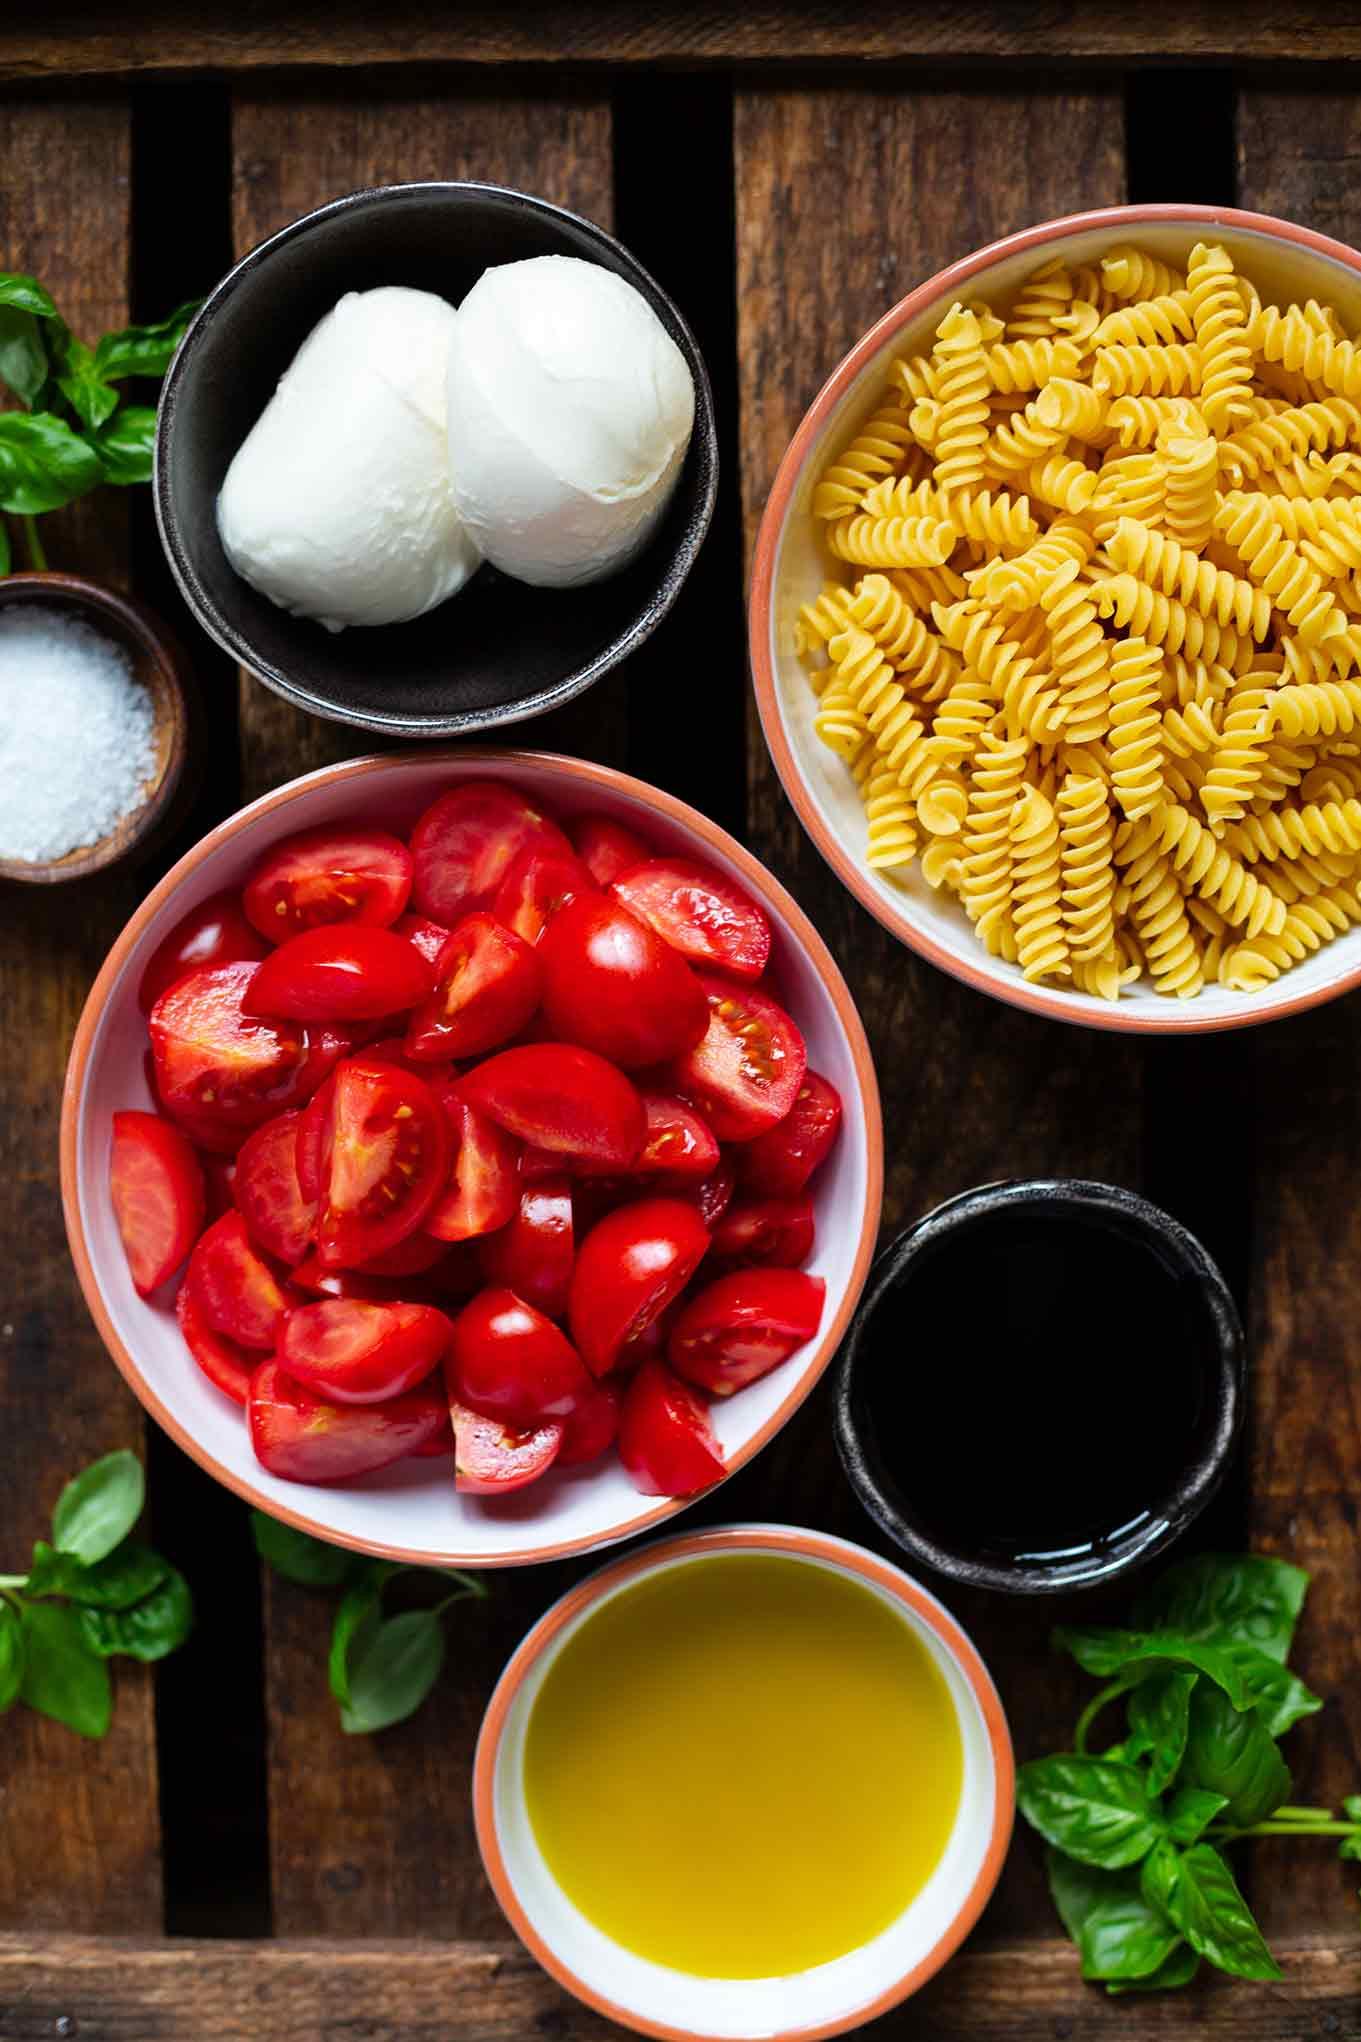 Einfacher Tomaten-Mozzarella-Nudelsalat. Dieser Nudelsalat ist in nur 20 Minuten vorbereitet, cremig lecker und perfekt zum Grillen oder für nächste Picknick. Der Nudelsalat ist leicht, super lecker und Meal Prep geeignet. Kochkarussell - dein Foodblog für schnelle und einfache Feierabendküche.